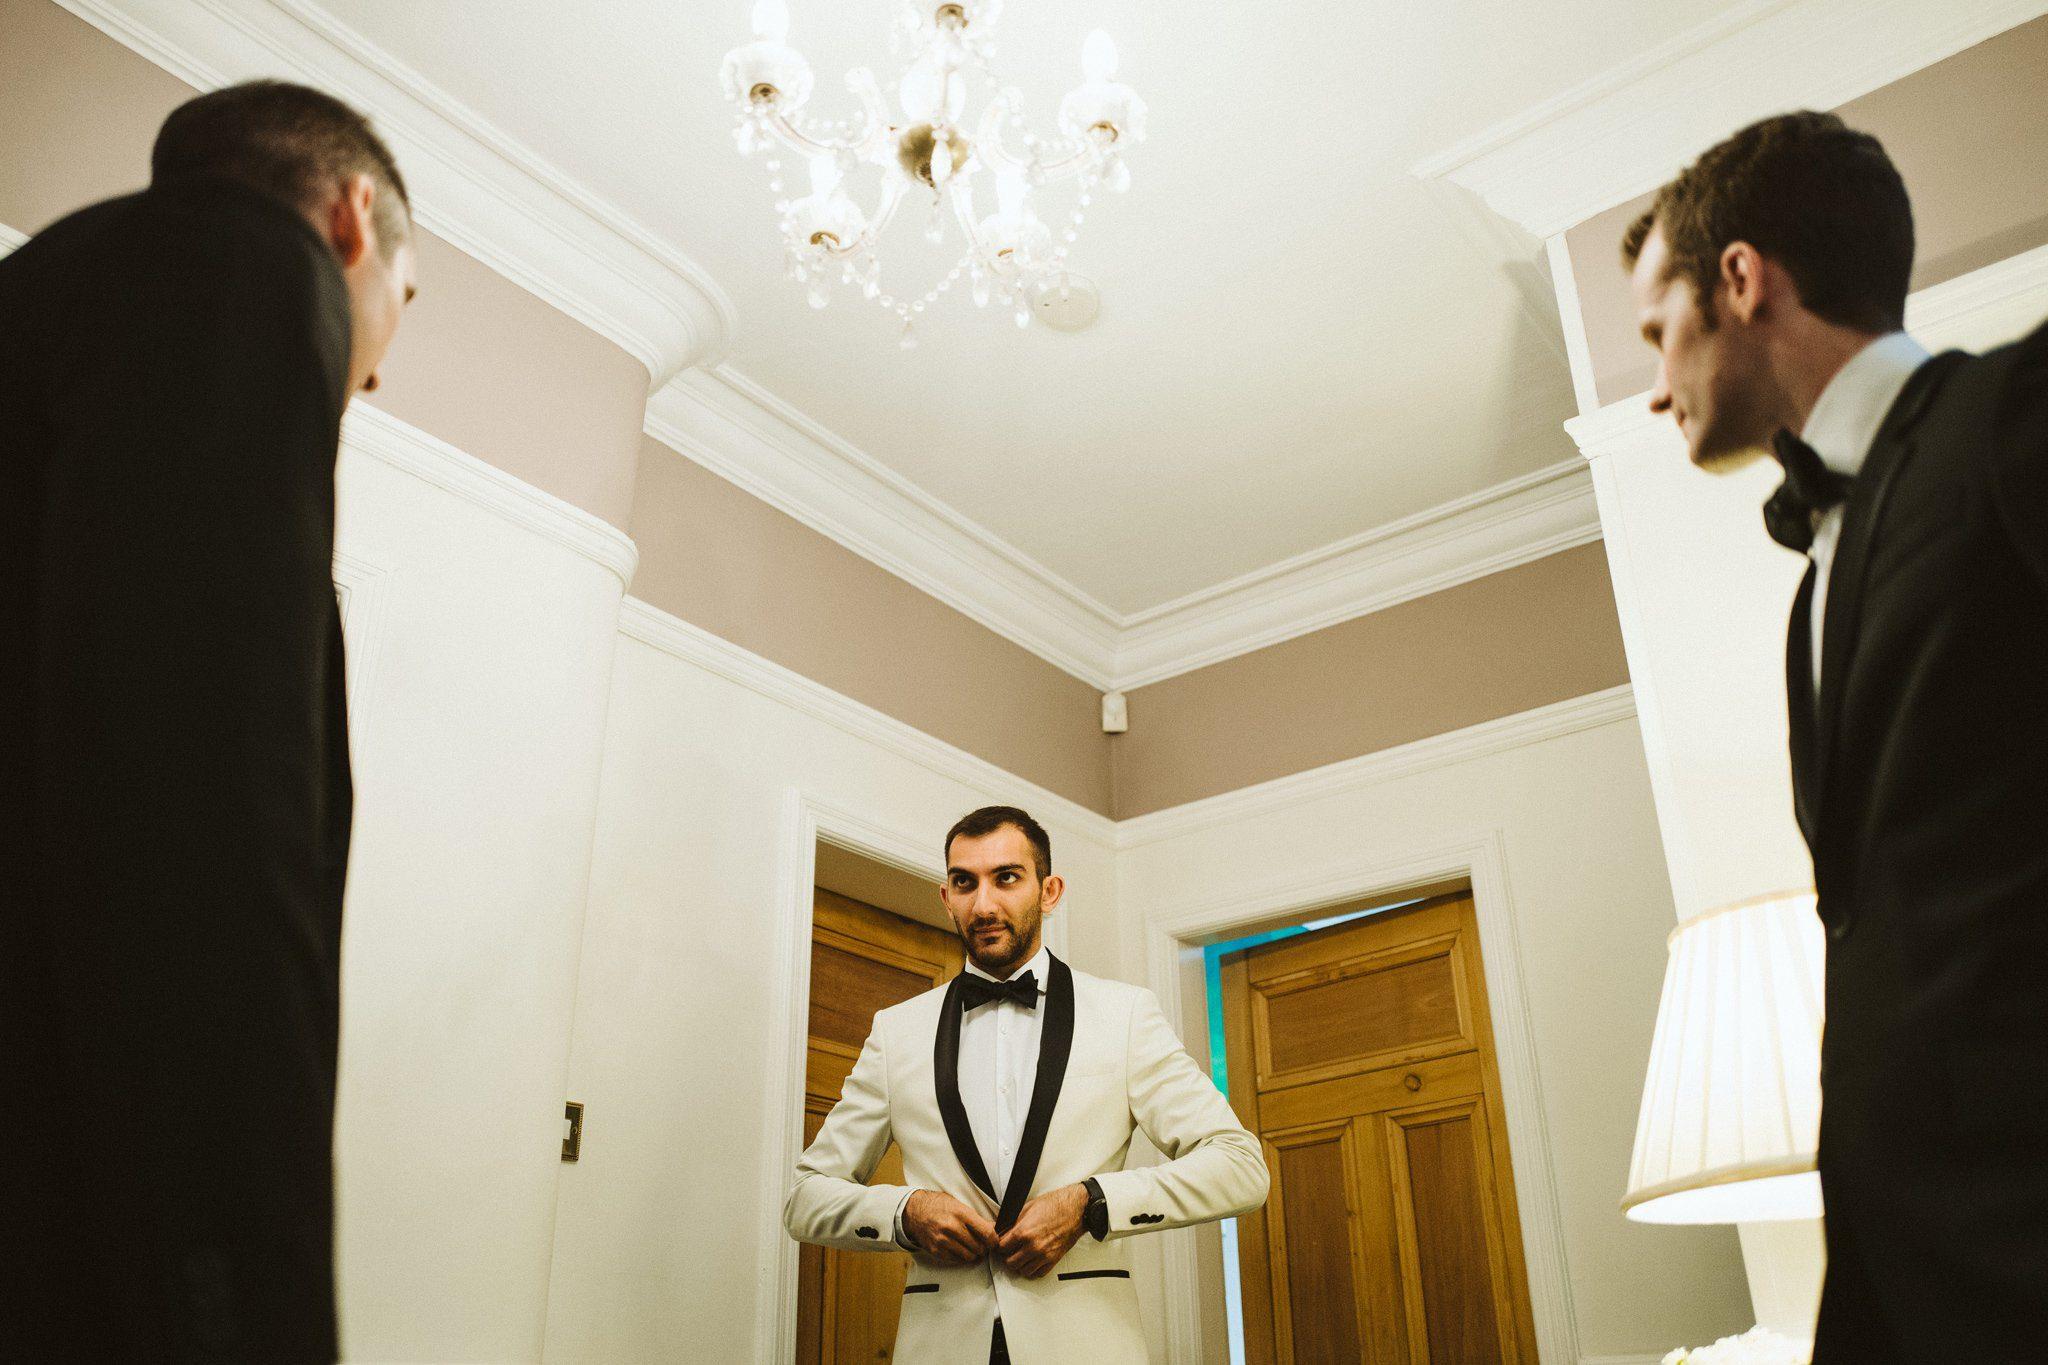 groom wedding day getting ready